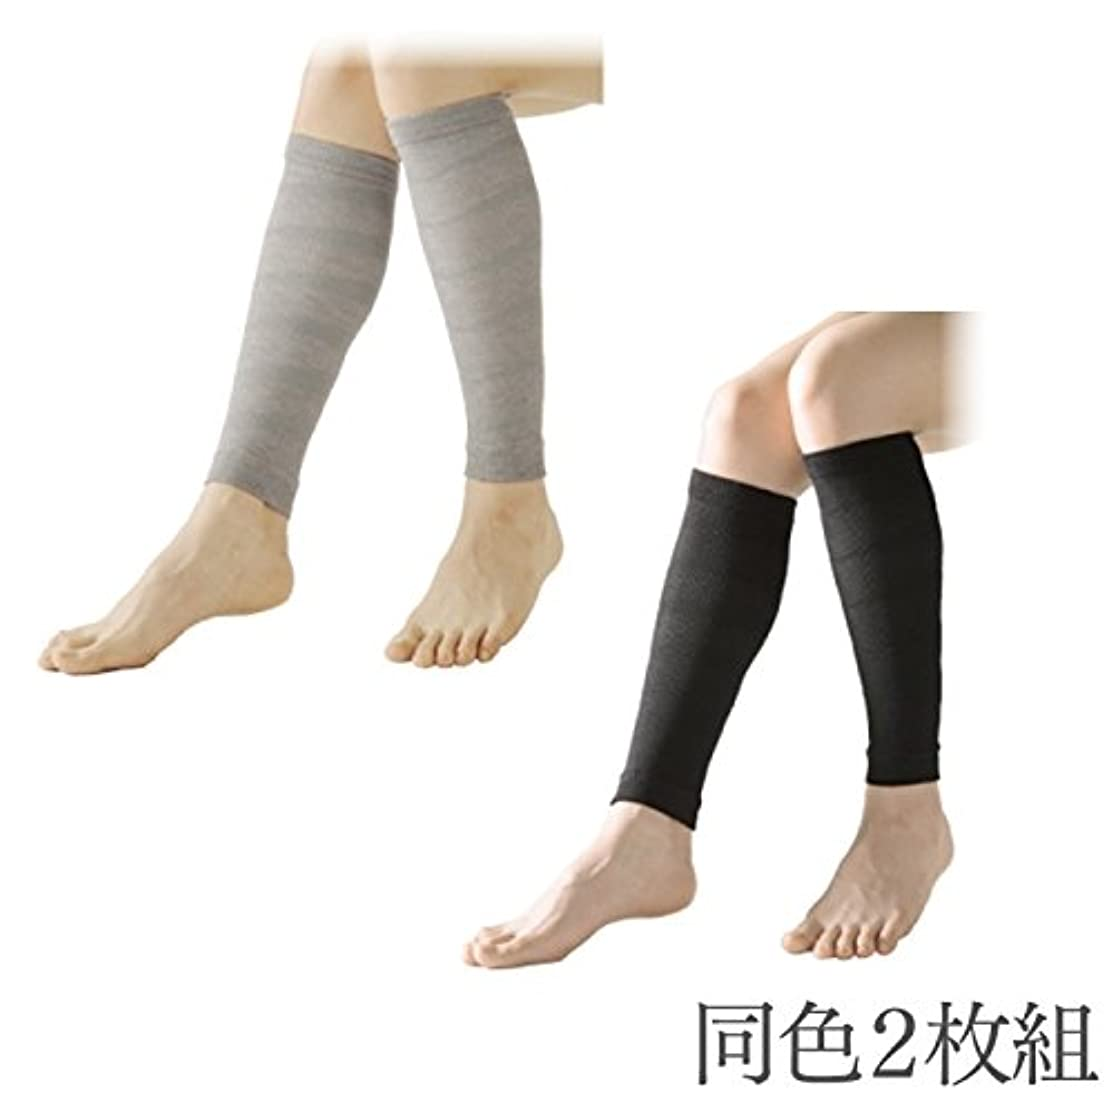 ネックレットスパンコーン着圧ソックス 足のむくみ 靴下 むくみ解消 着圧ふくらはぎサポーター 2枚組